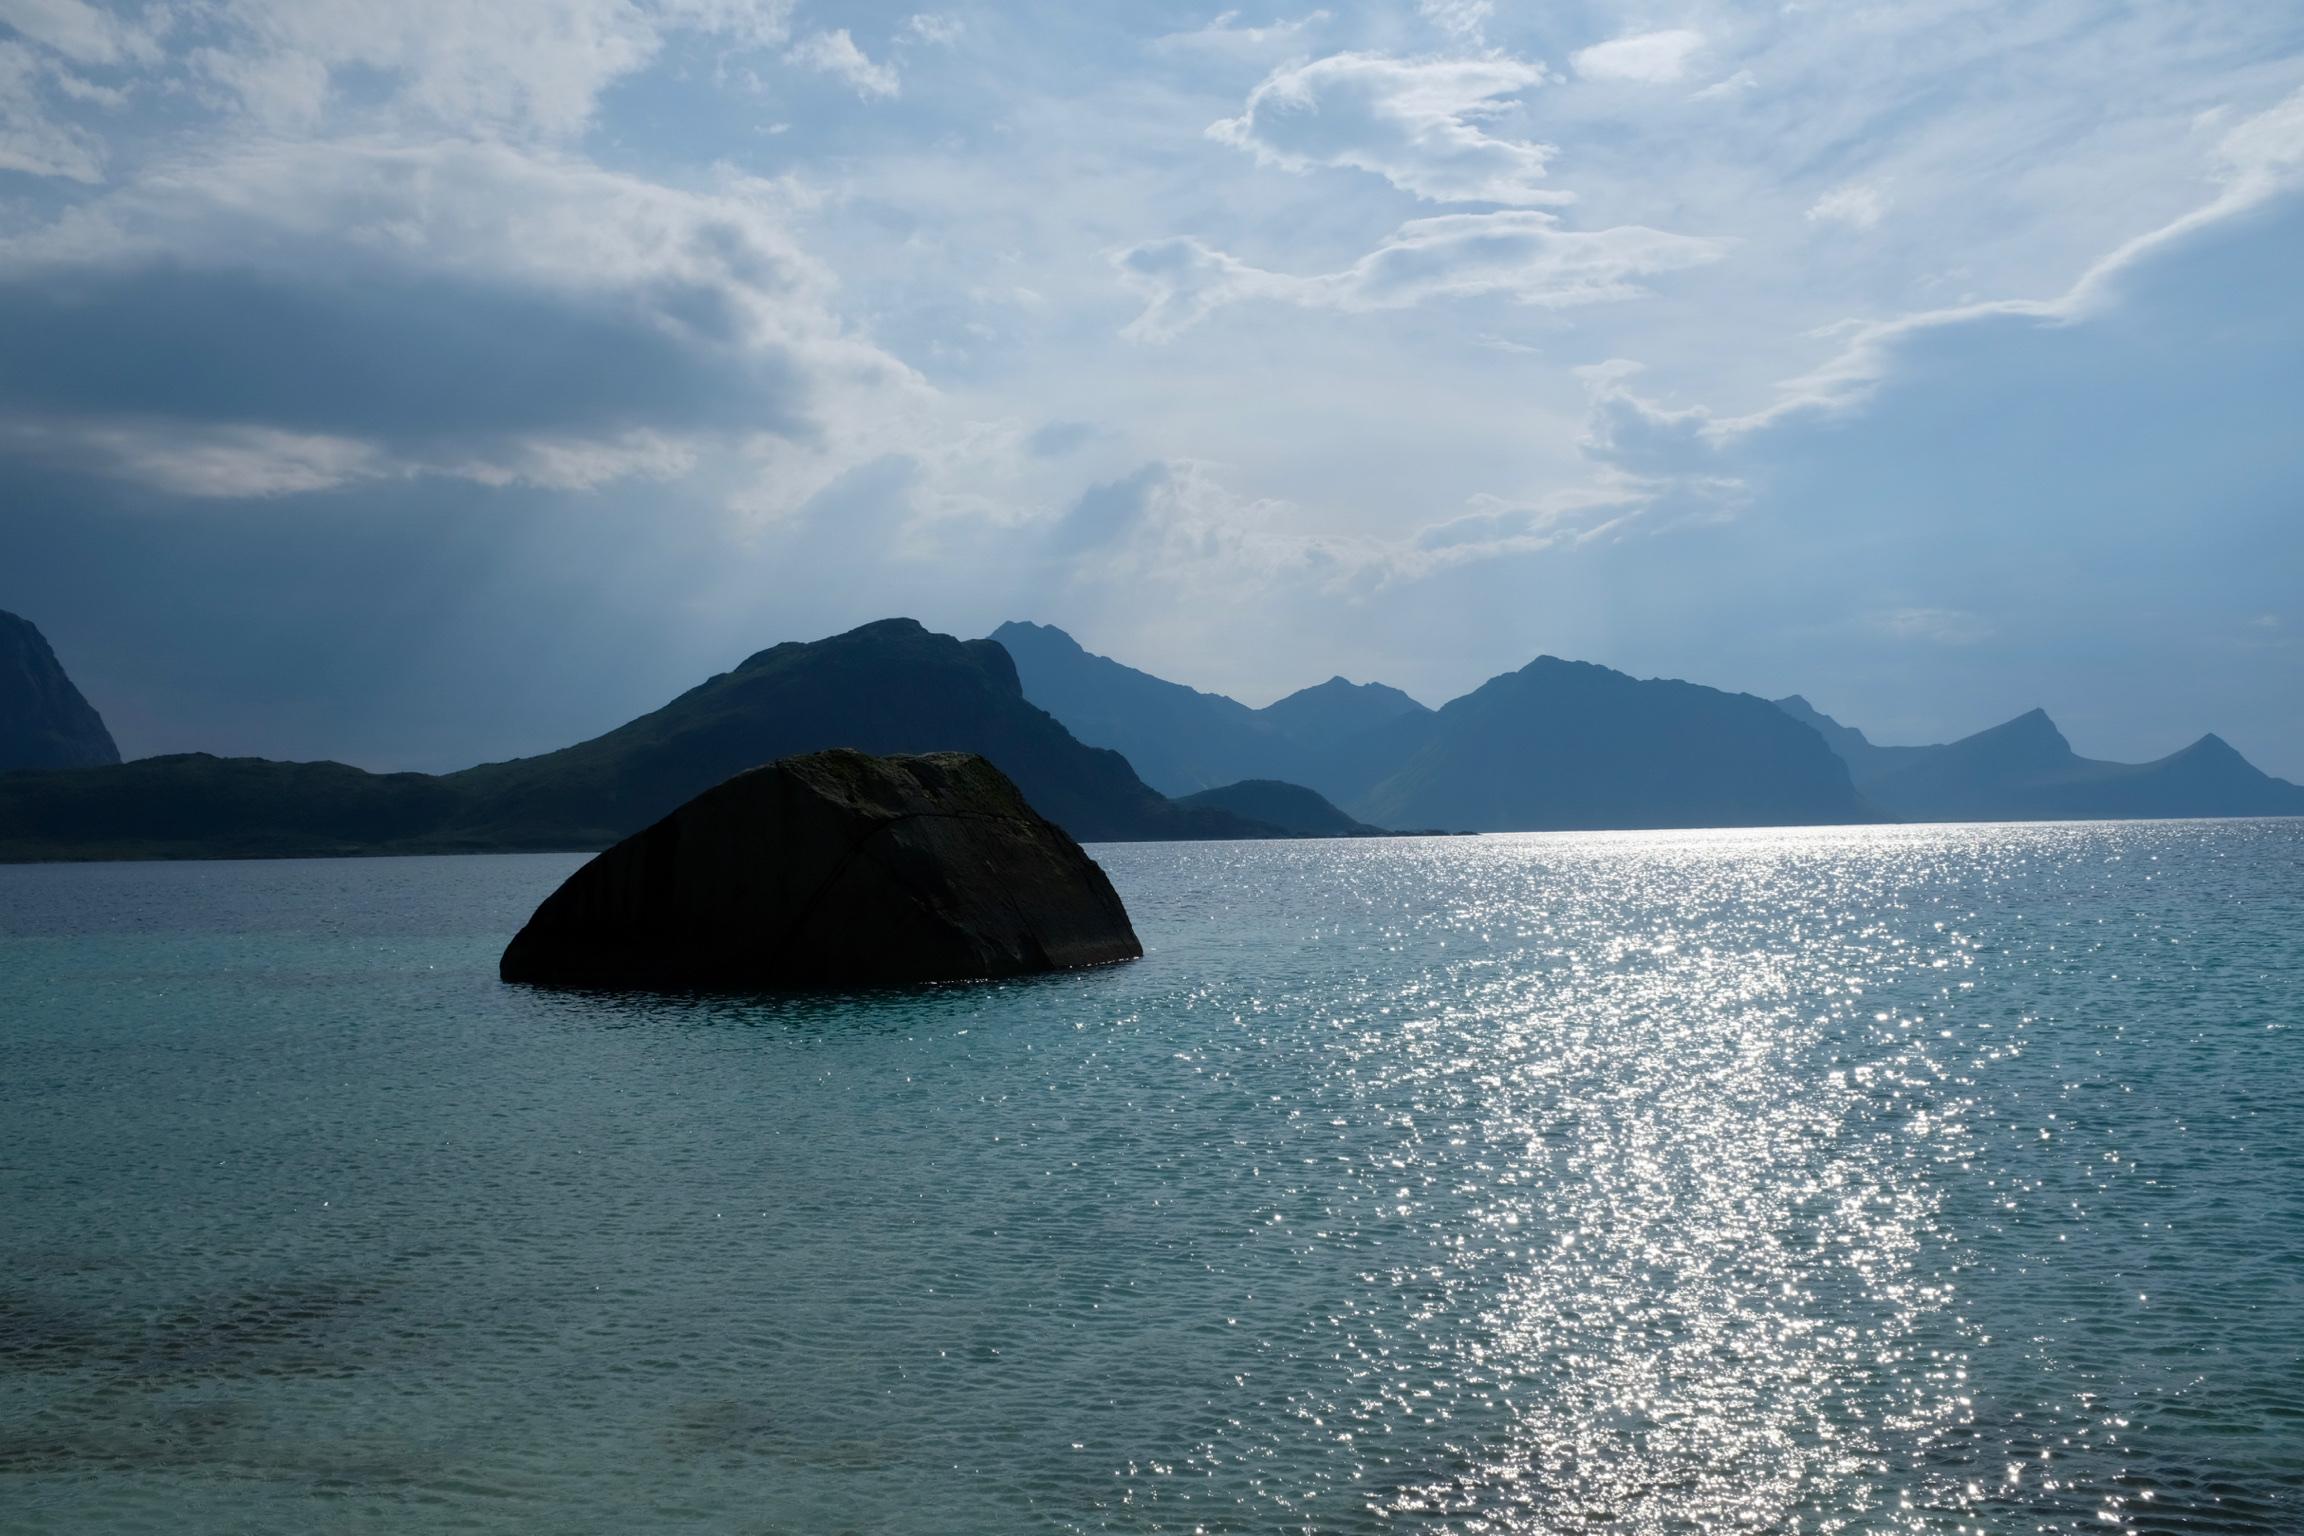 Lofoten Norwegen Reisetipps und konkrete Infos zu der Inselgruppe. Beate Finken Bloggerin bei BeFifty. Die schönsten Plätze in Norwegen / Lofoten Wanderung Himmeltinden